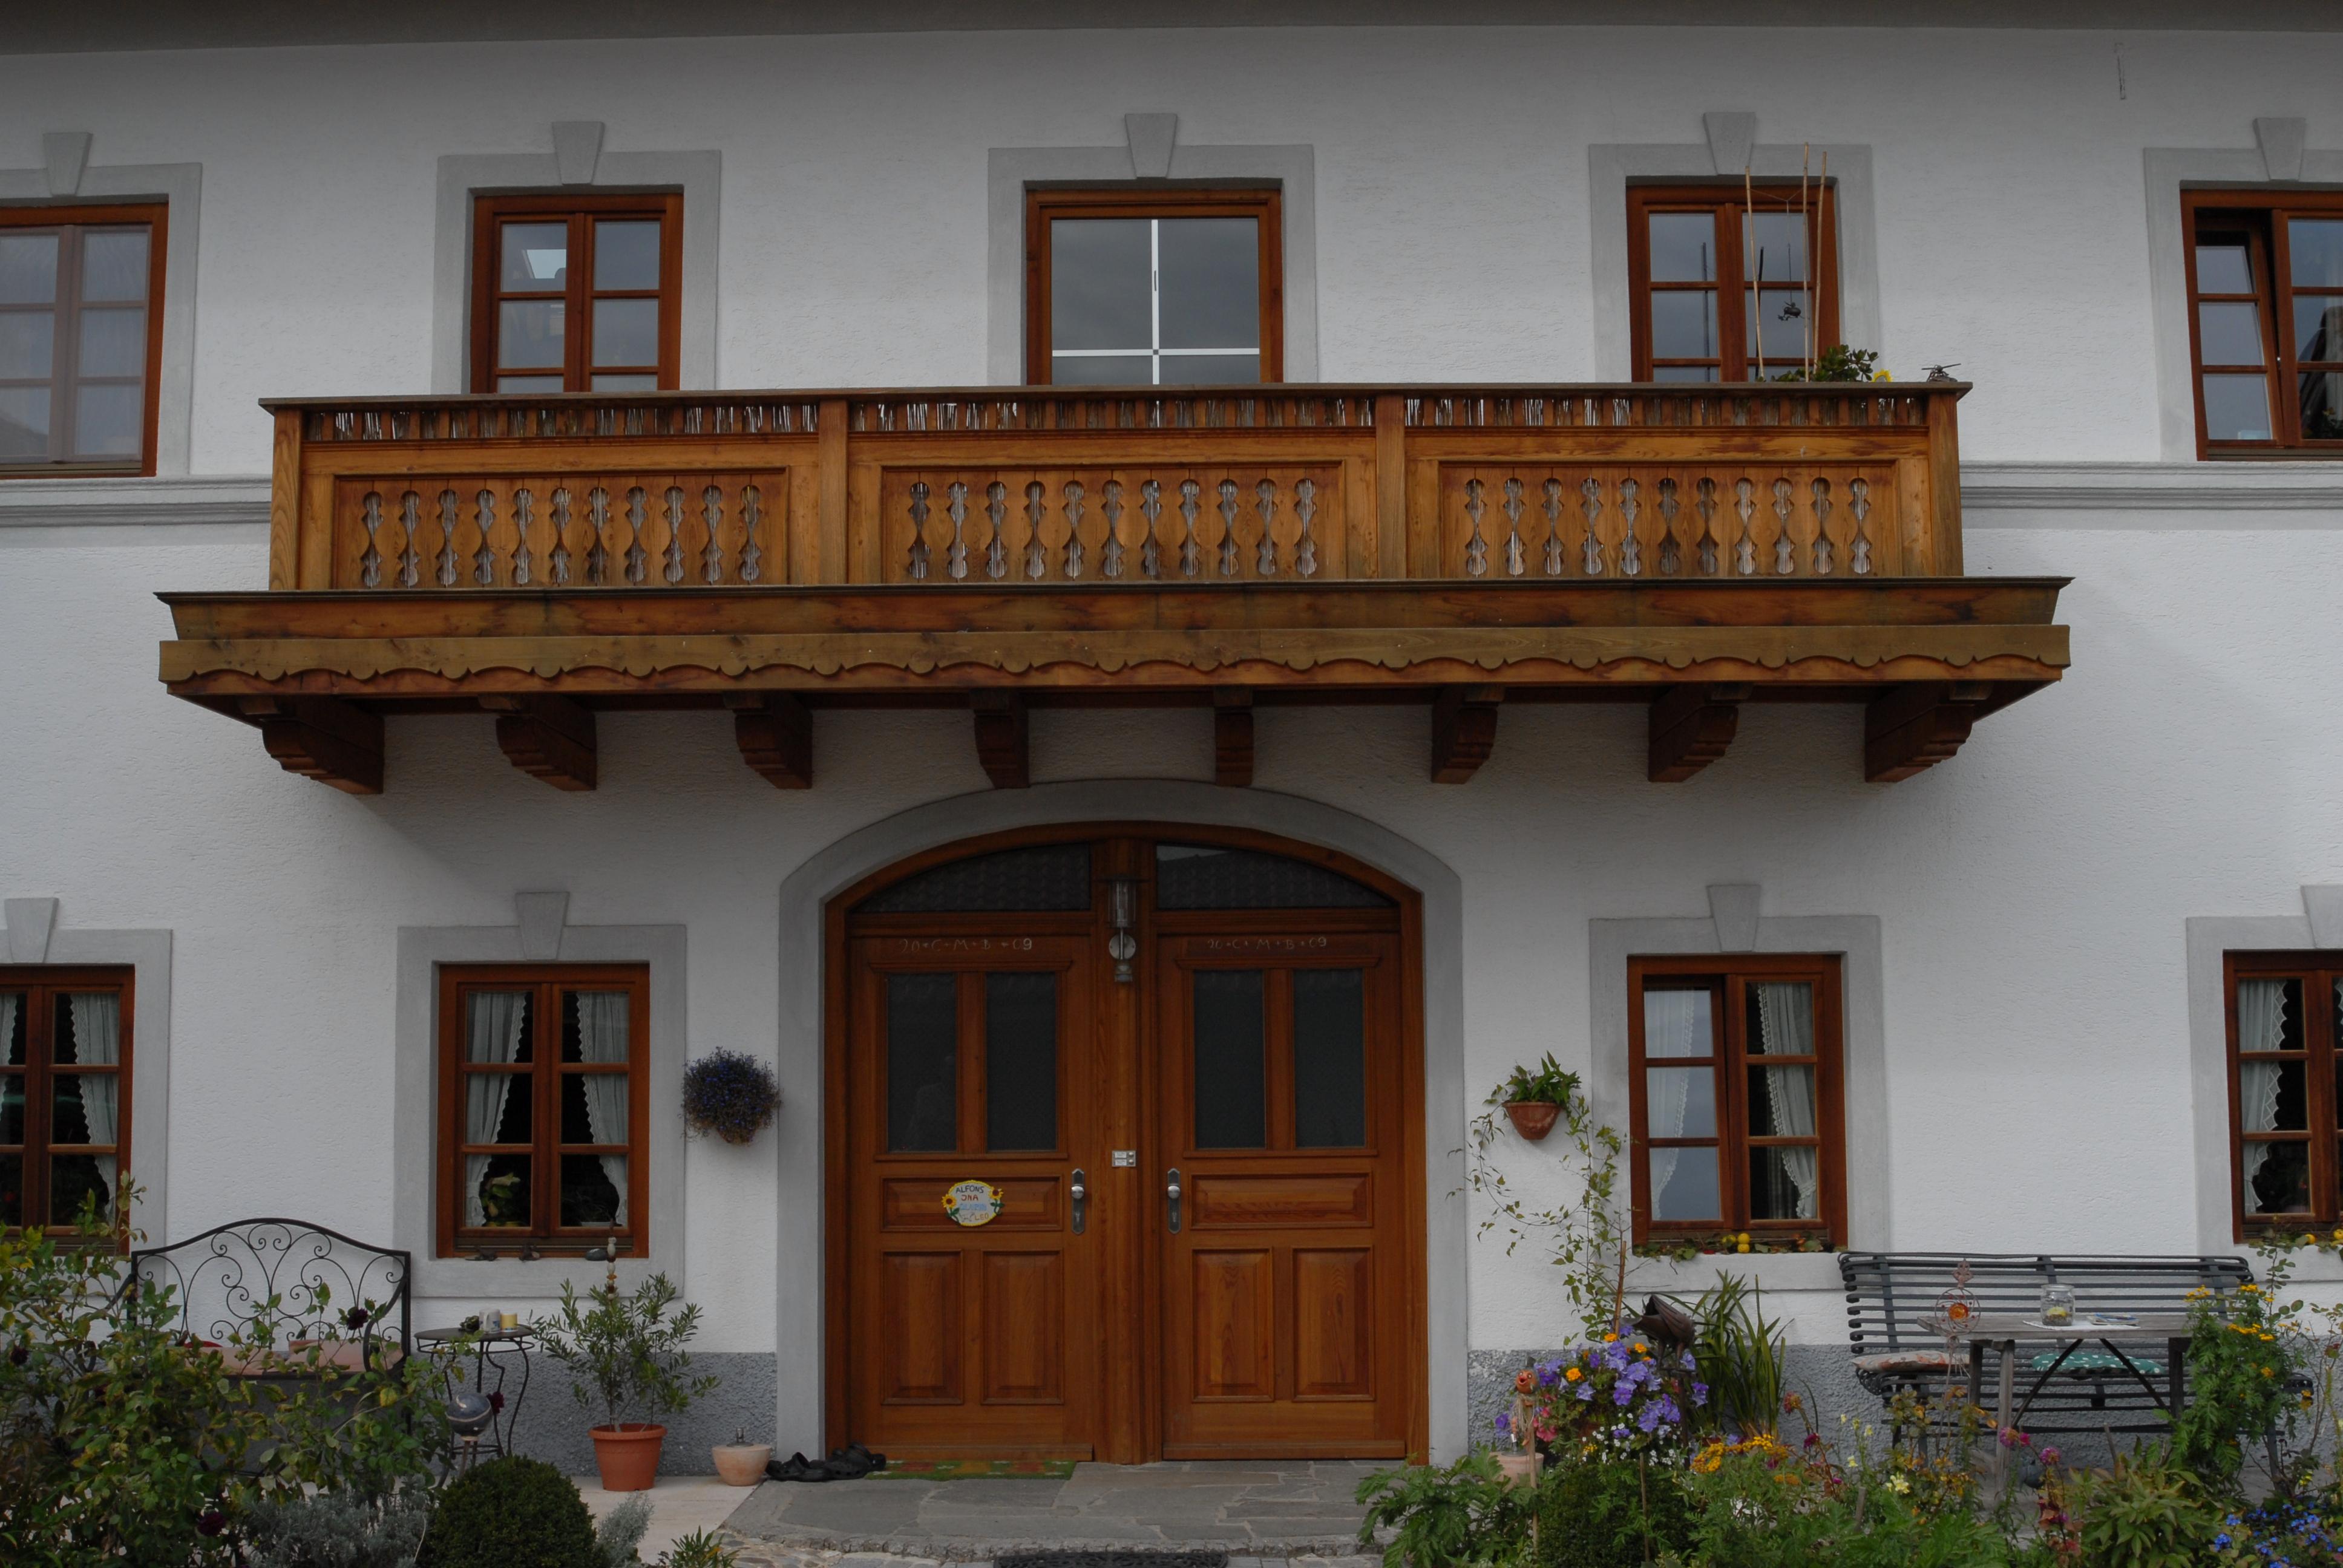 Lehmbau Schmitt aus Rosenheim in Bayern. Die erste Adresse für alle Ihrer Bauarbeiten mit dem Naturbaustoff Lehm